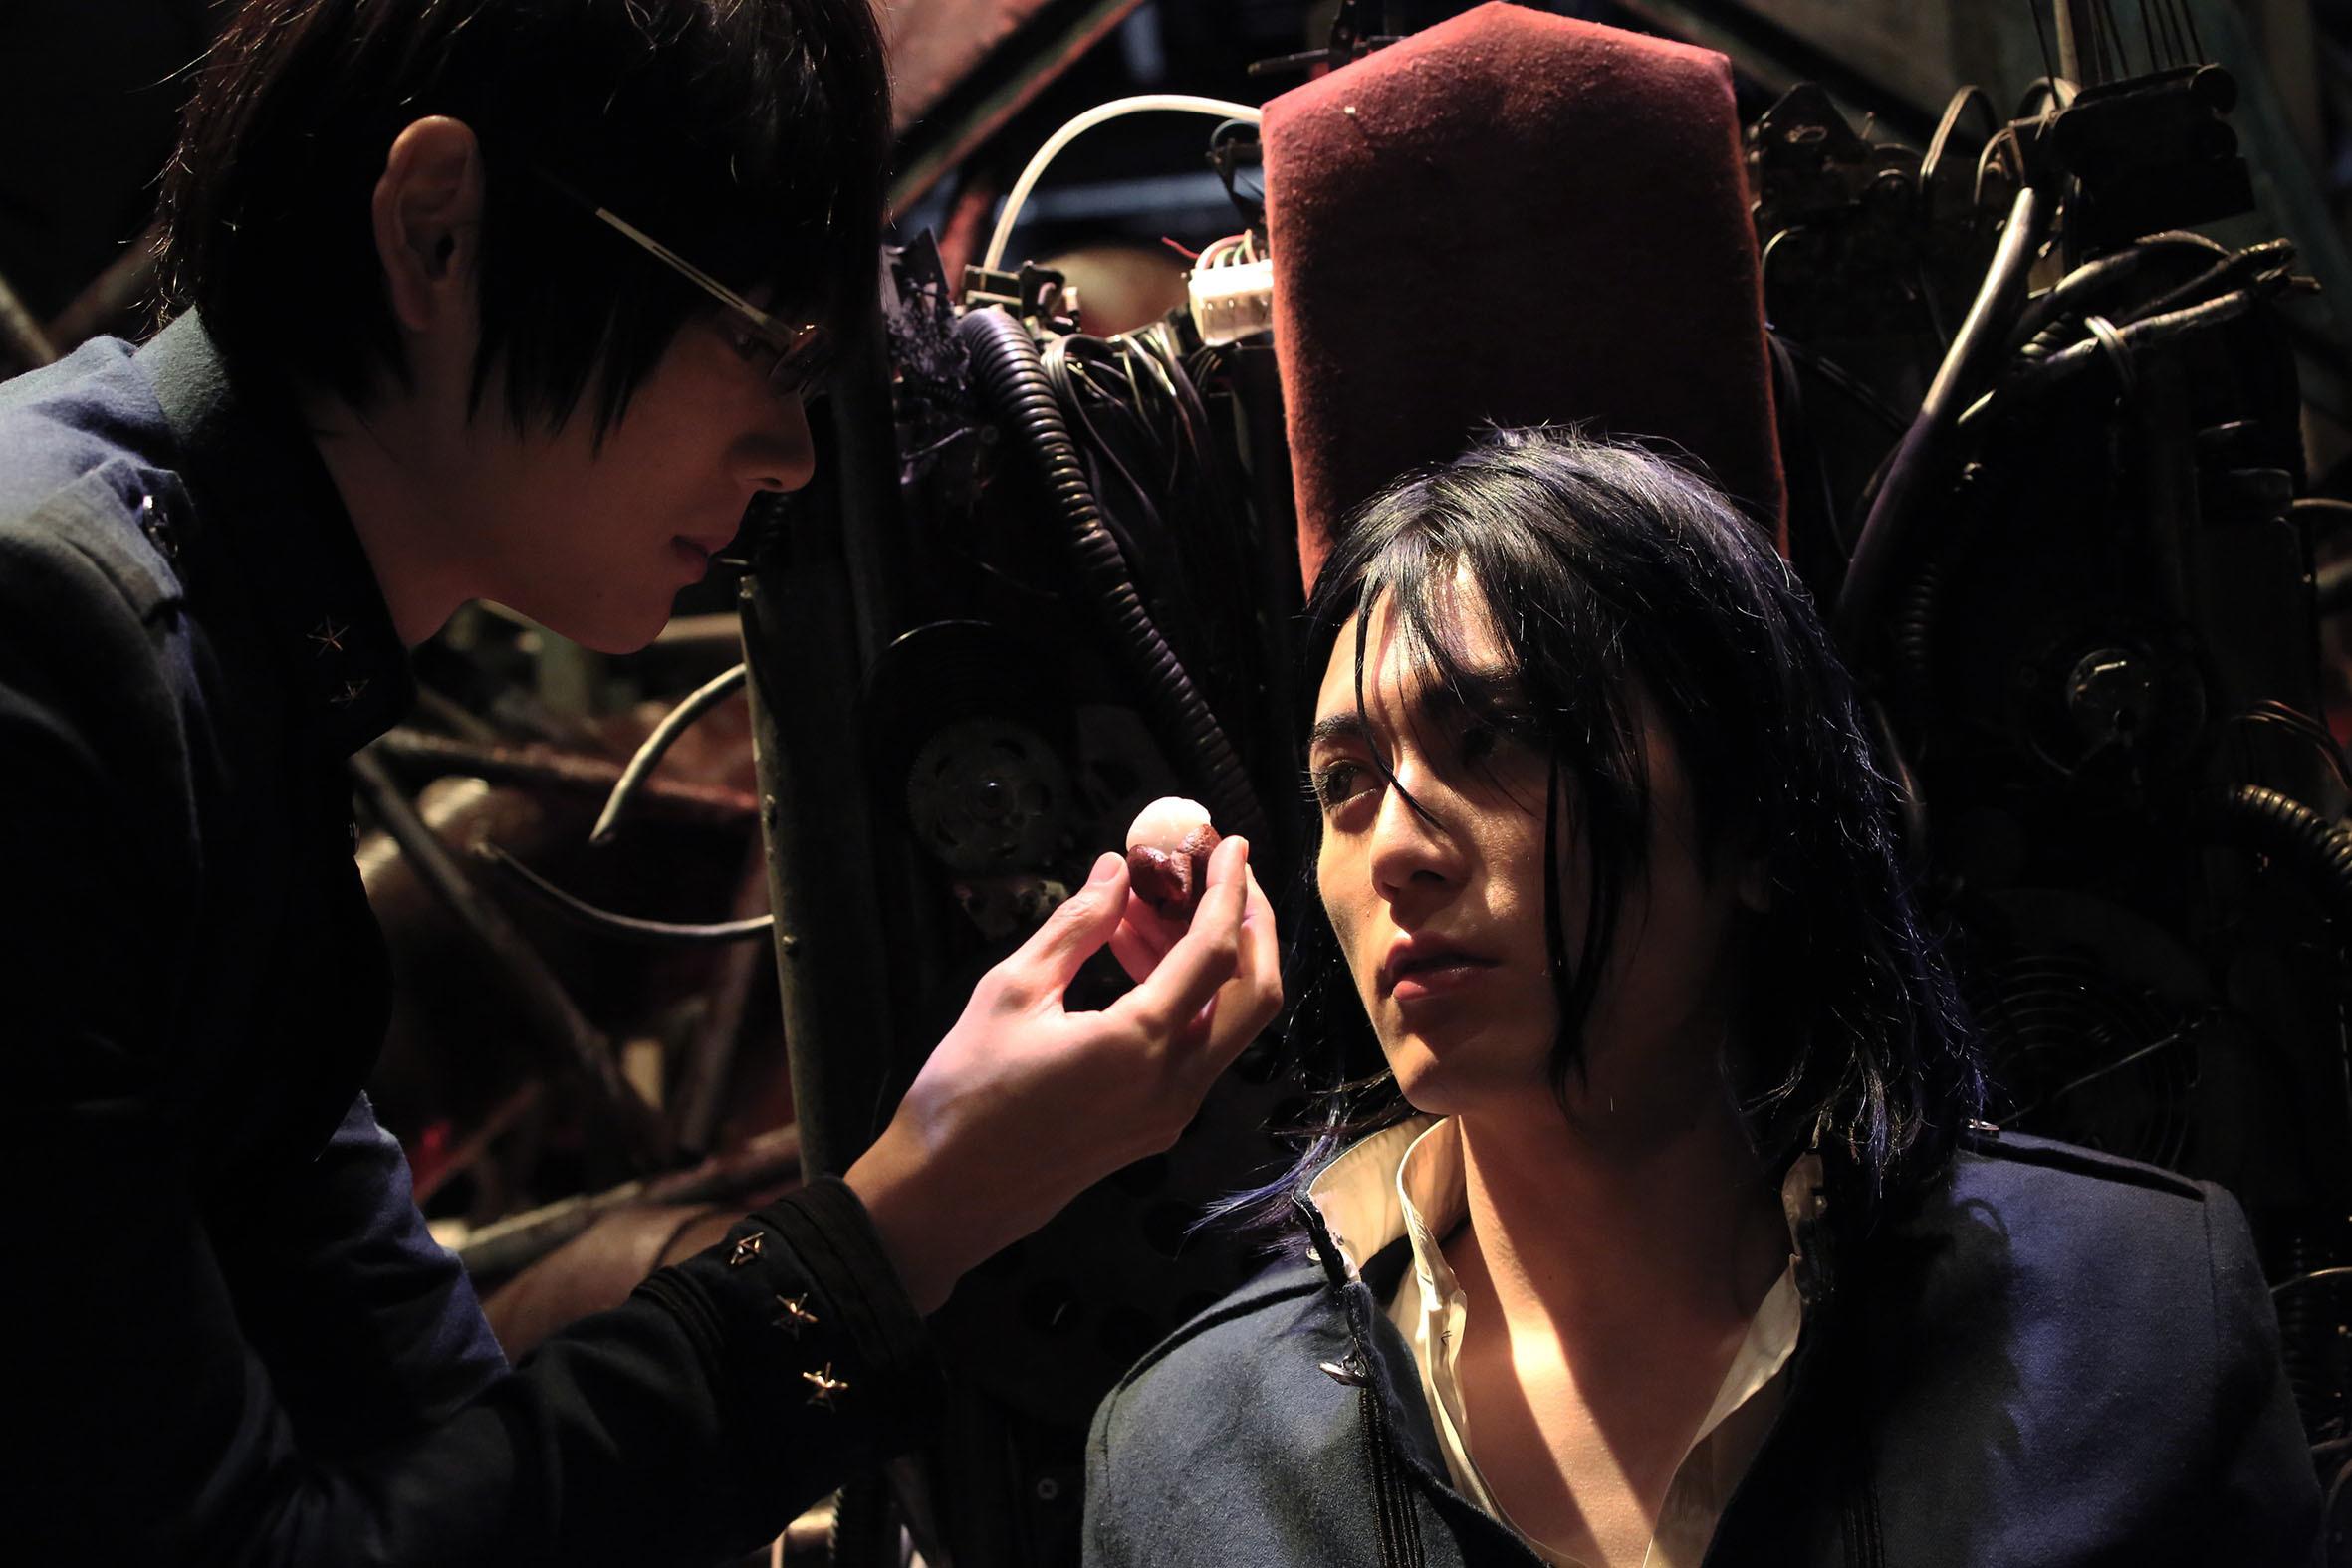 ジャイボ(間宮祥太朗)が『ライチ☆光クラブ』の世界へエスコート (C)2015『ライチ☆光クラブ』製作委員会